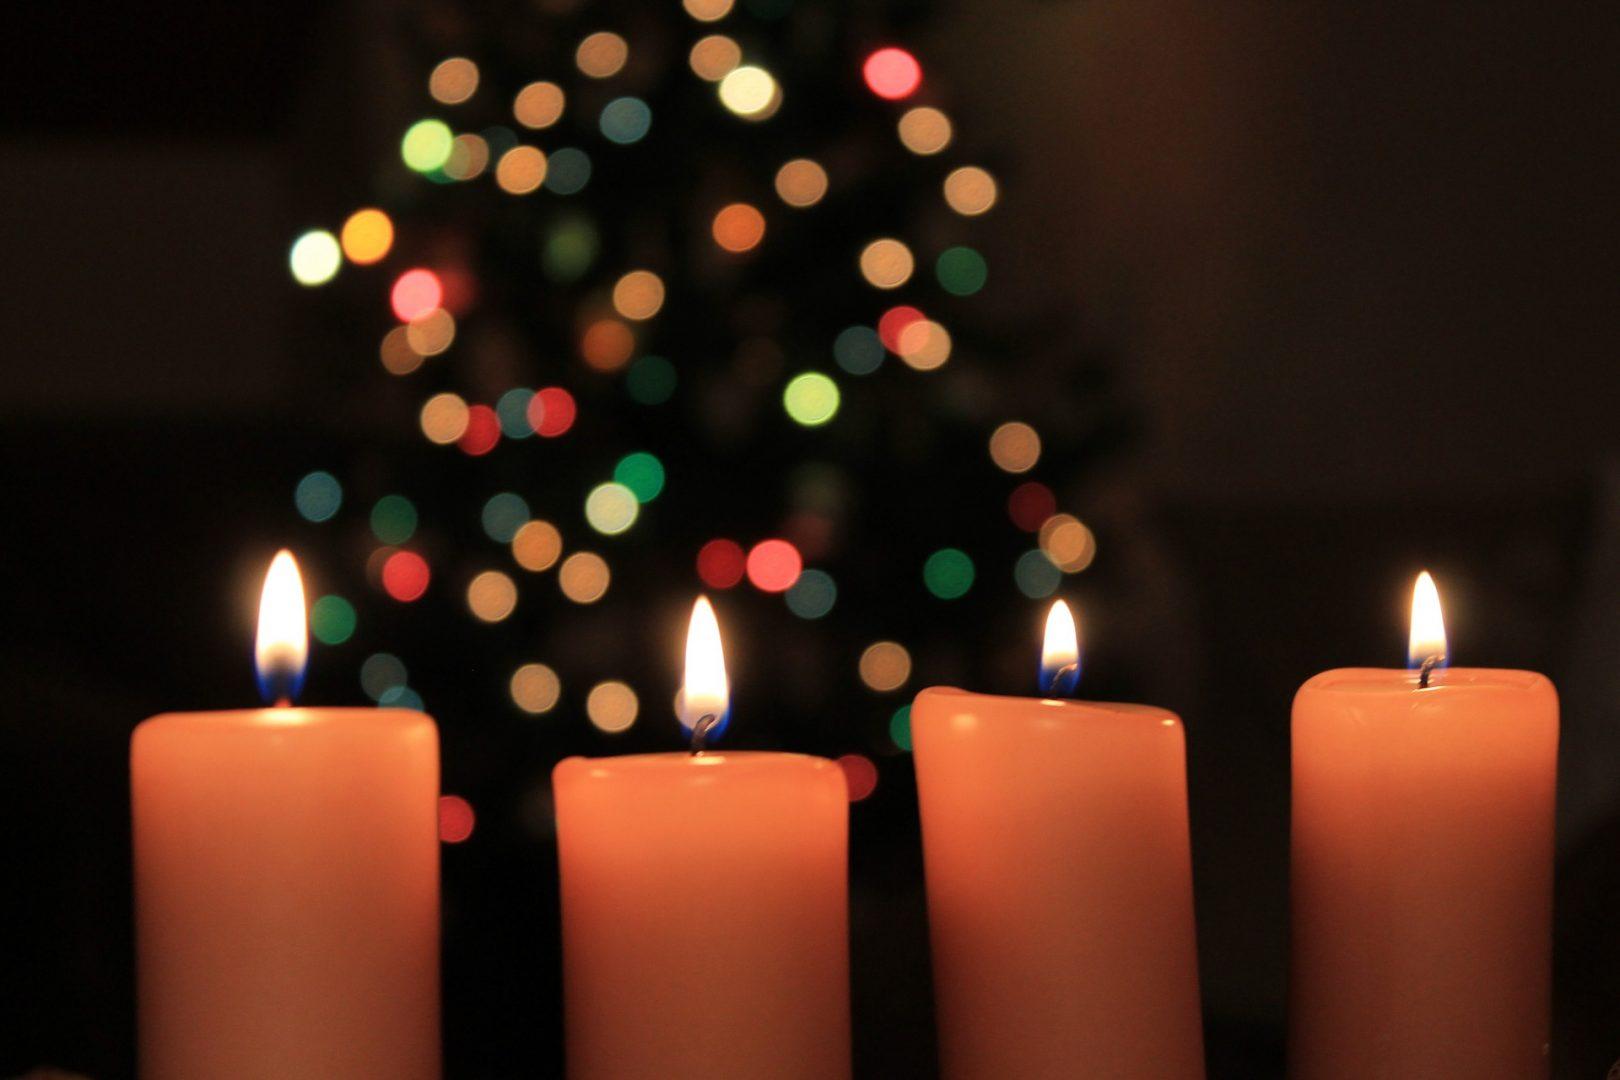 Lämna aldrig ljus obevakade. Bilden visar fyra stearinljus i en julmiljö.